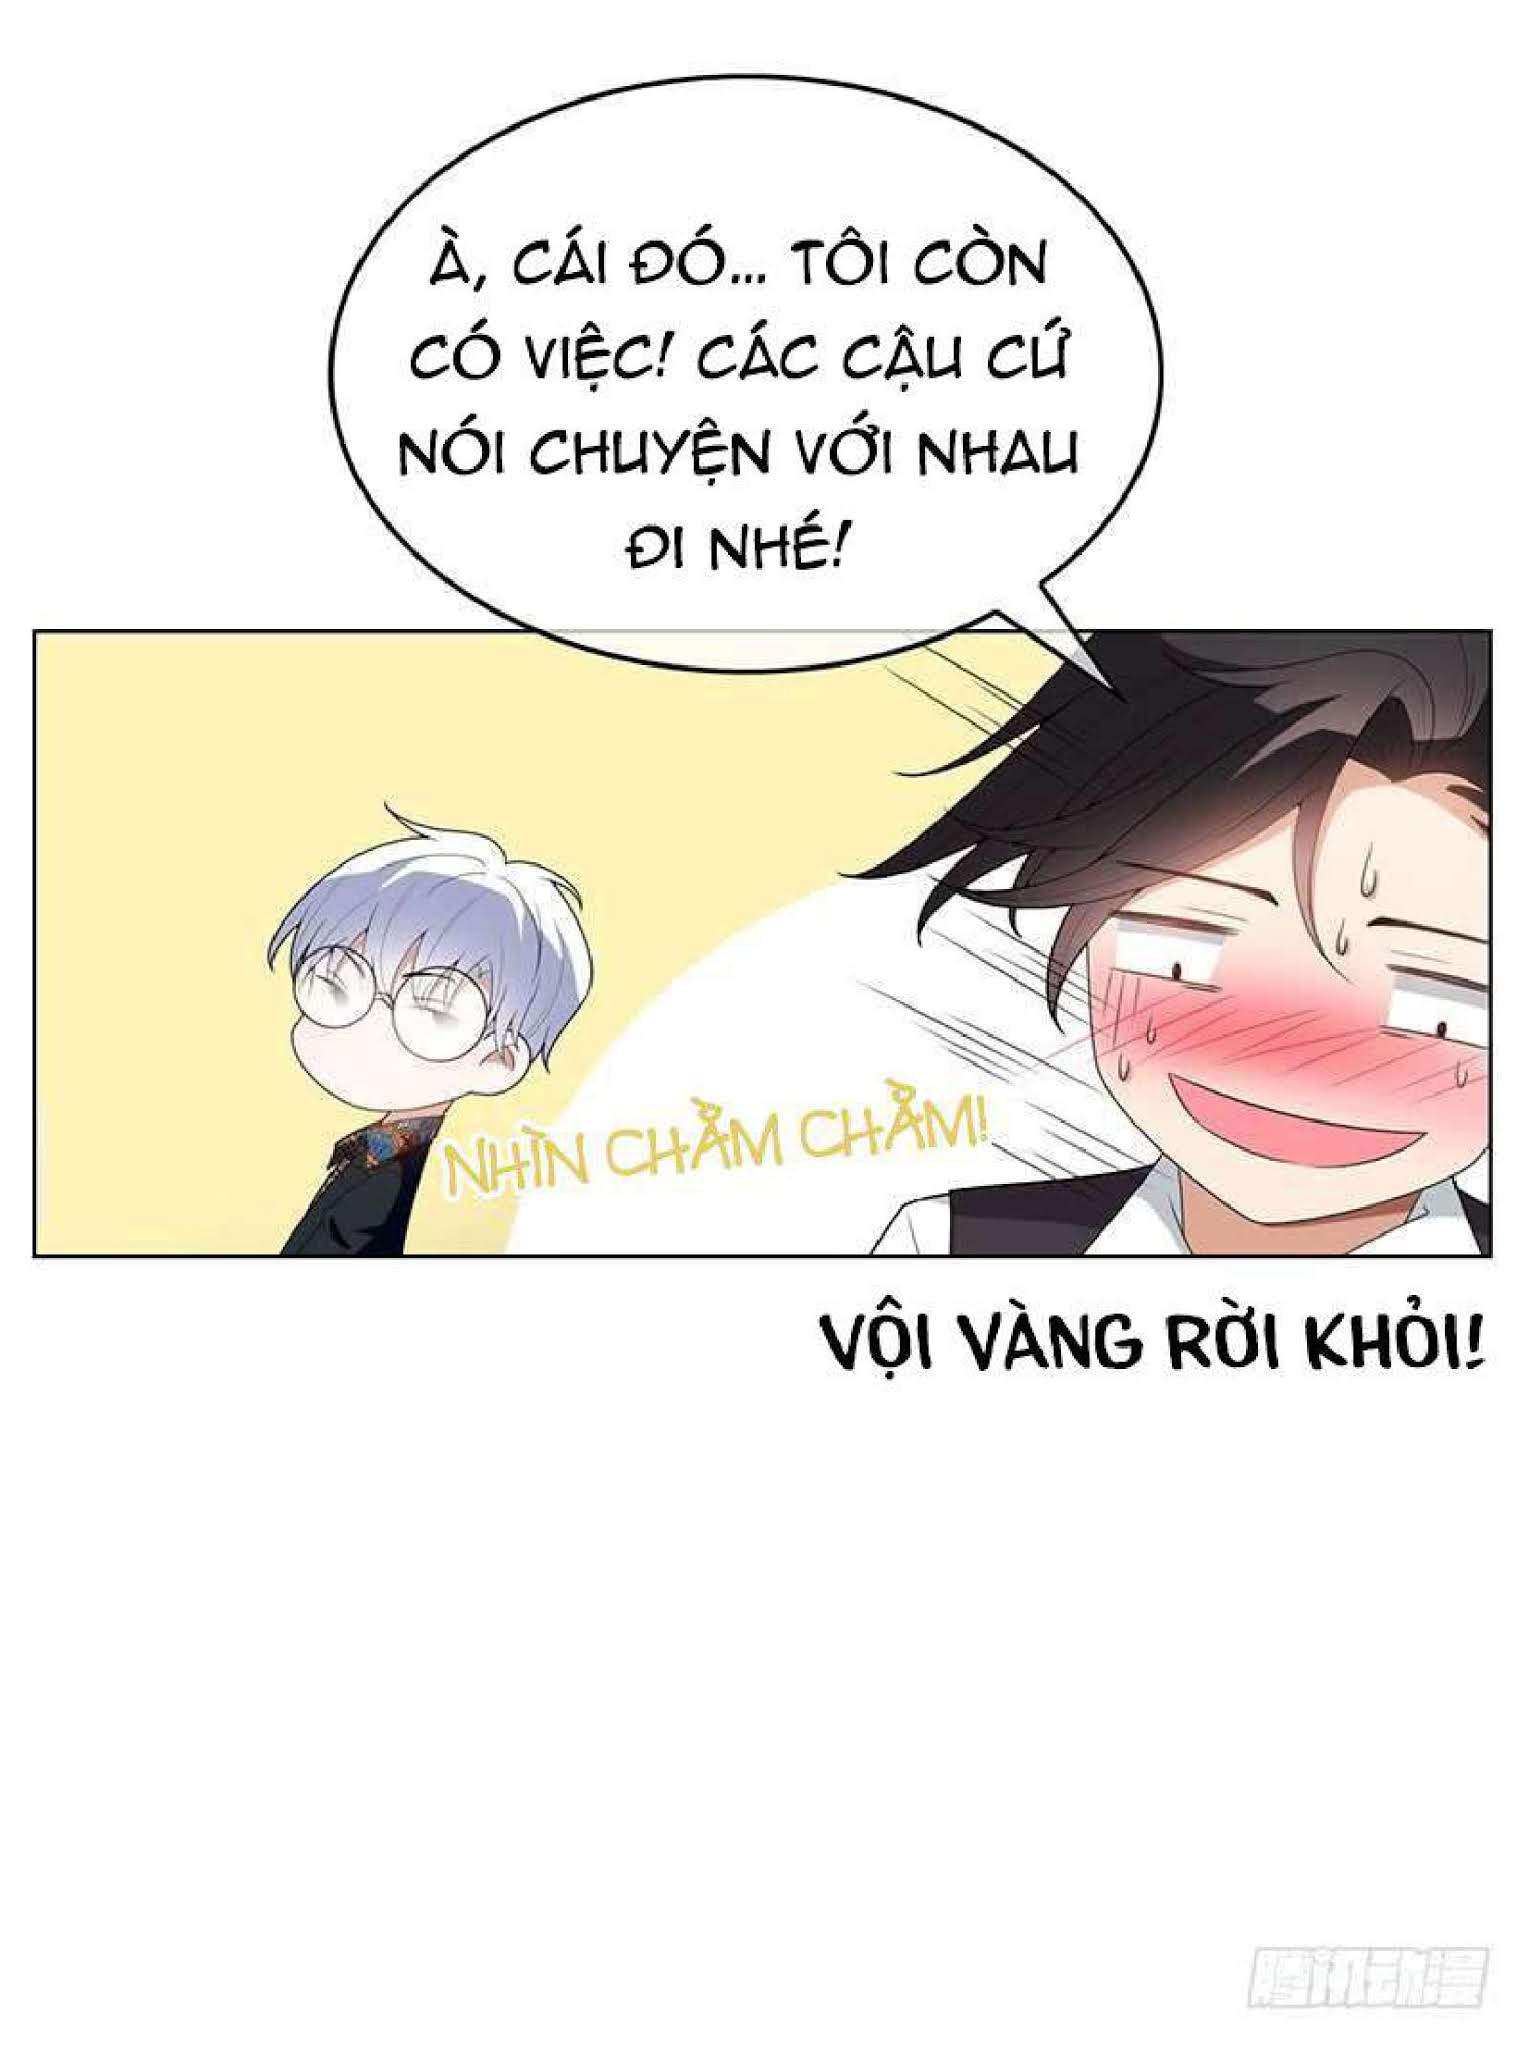 Thuần tình Lục thiếu chap 65 - Trang 31